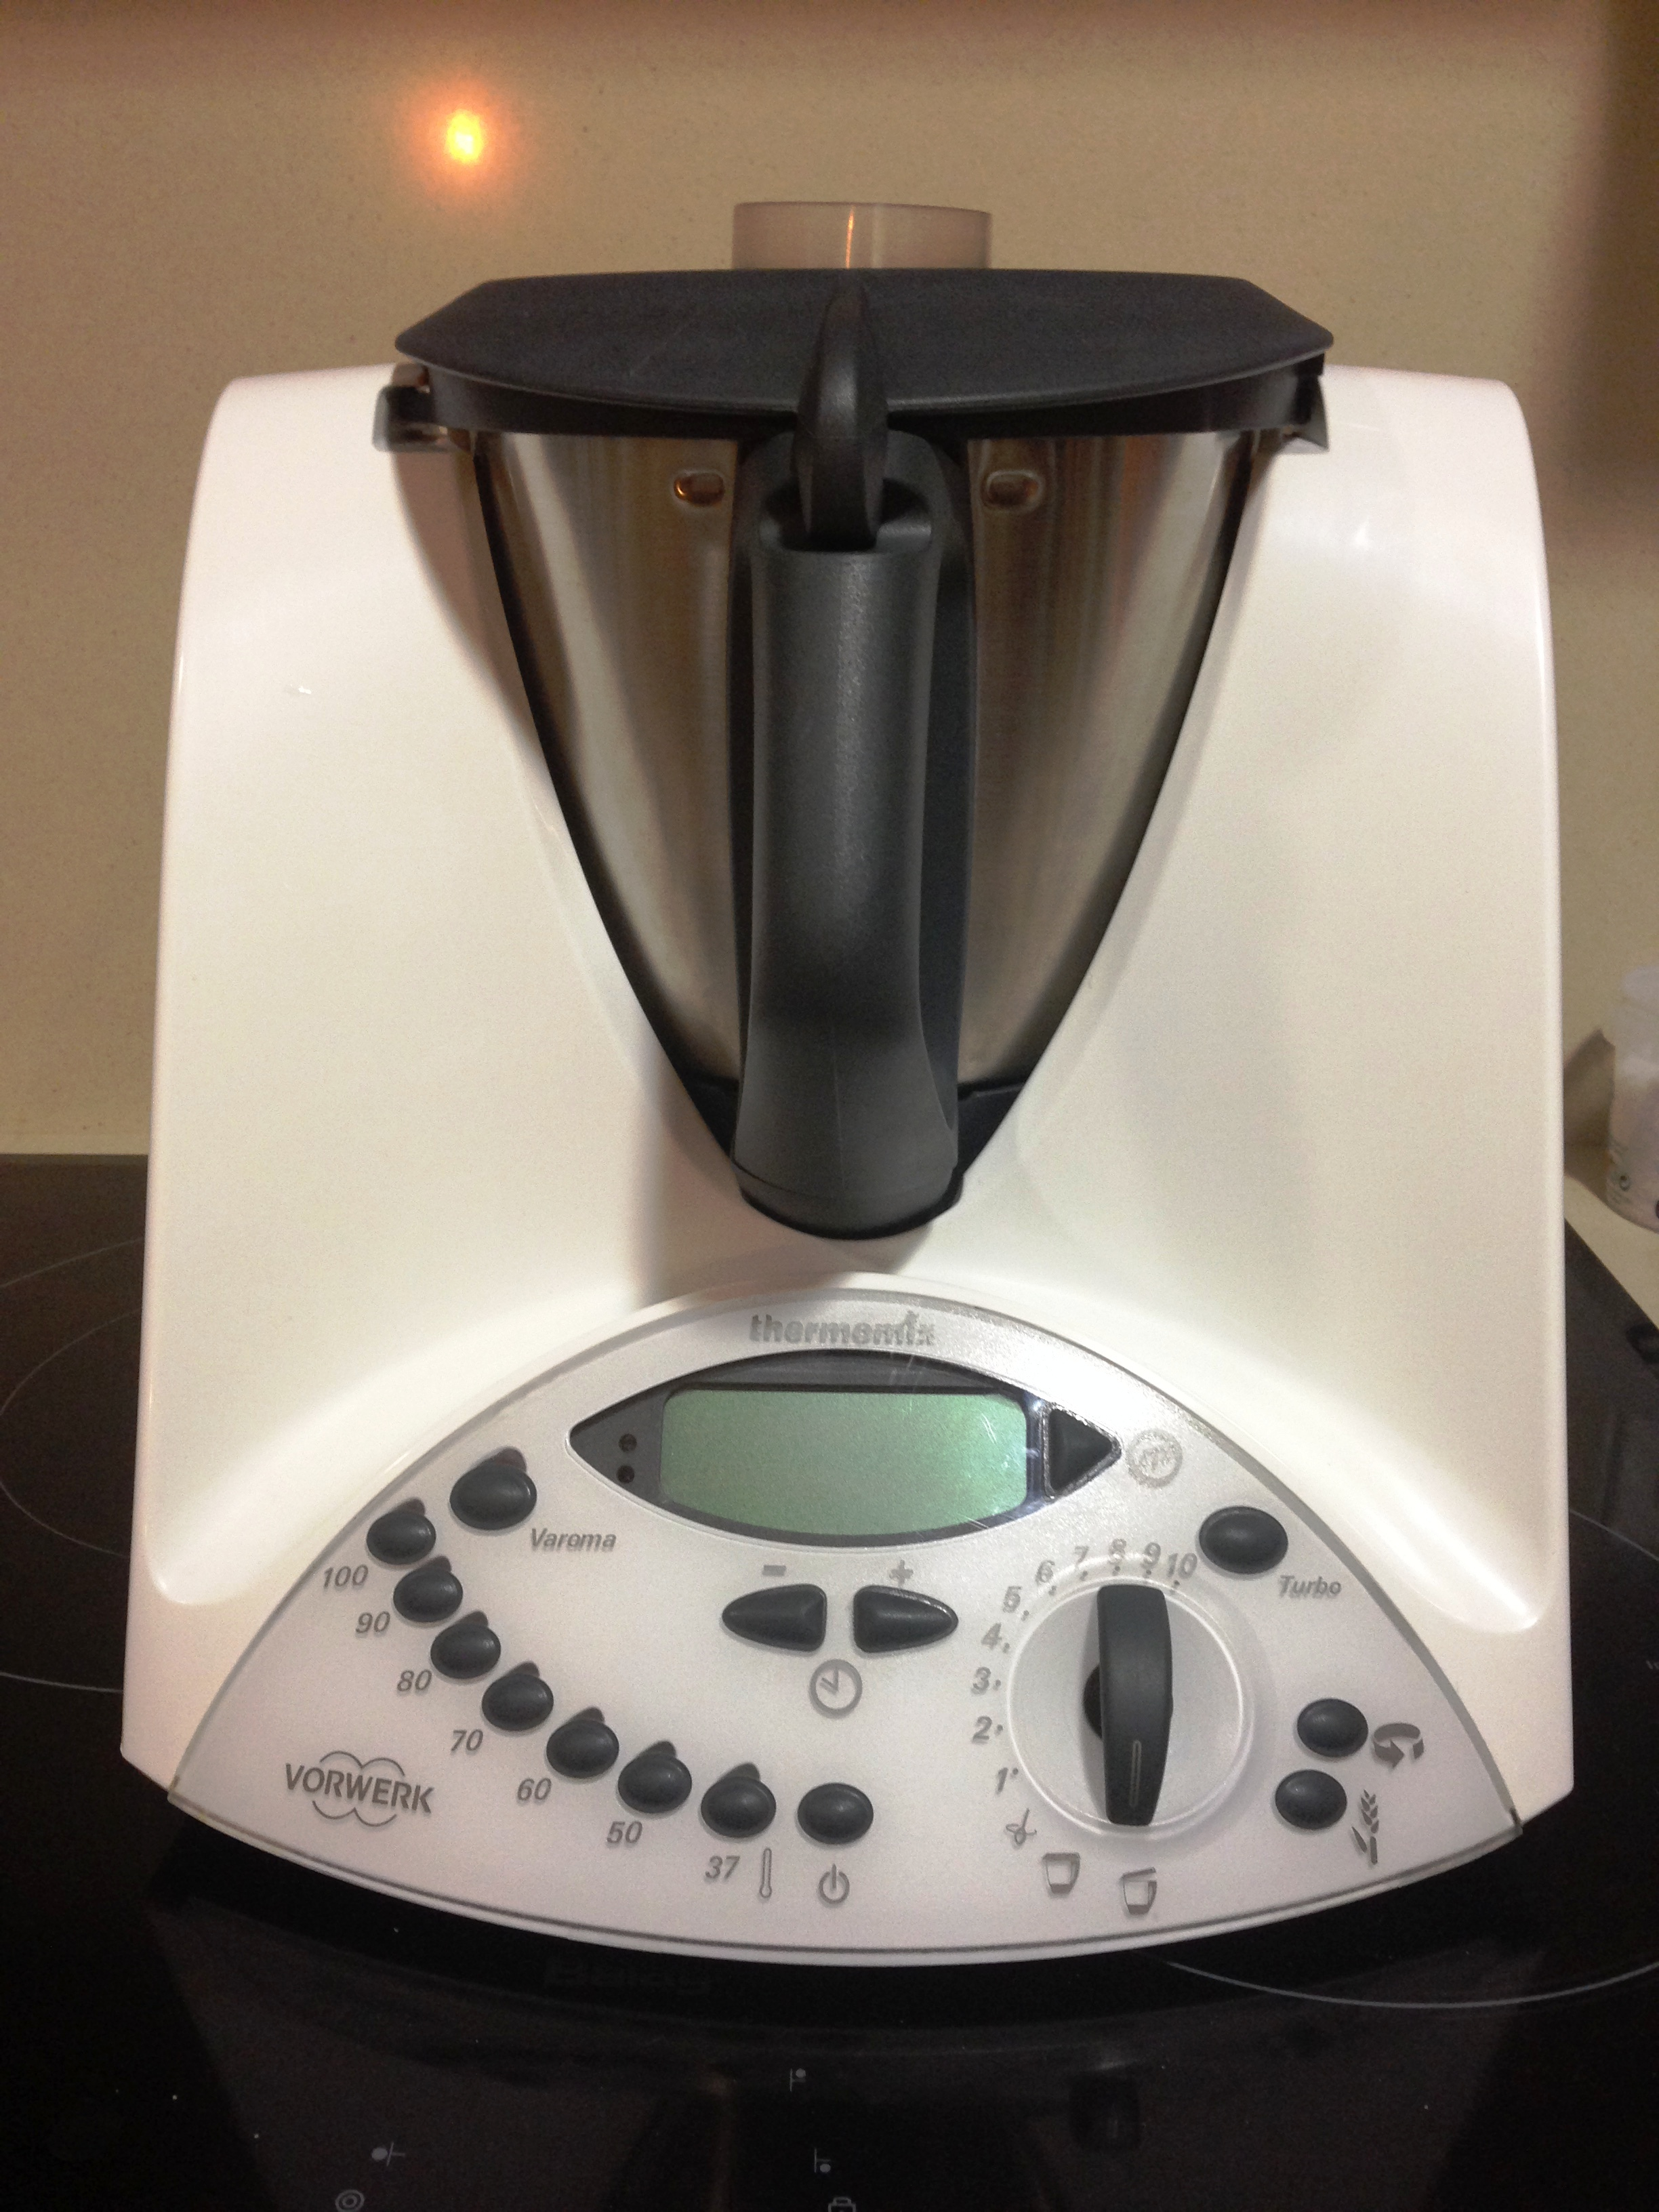 Comprarentiemposdecrisis2 comprar en tiempos de crisis for Robot de cocina thermomix